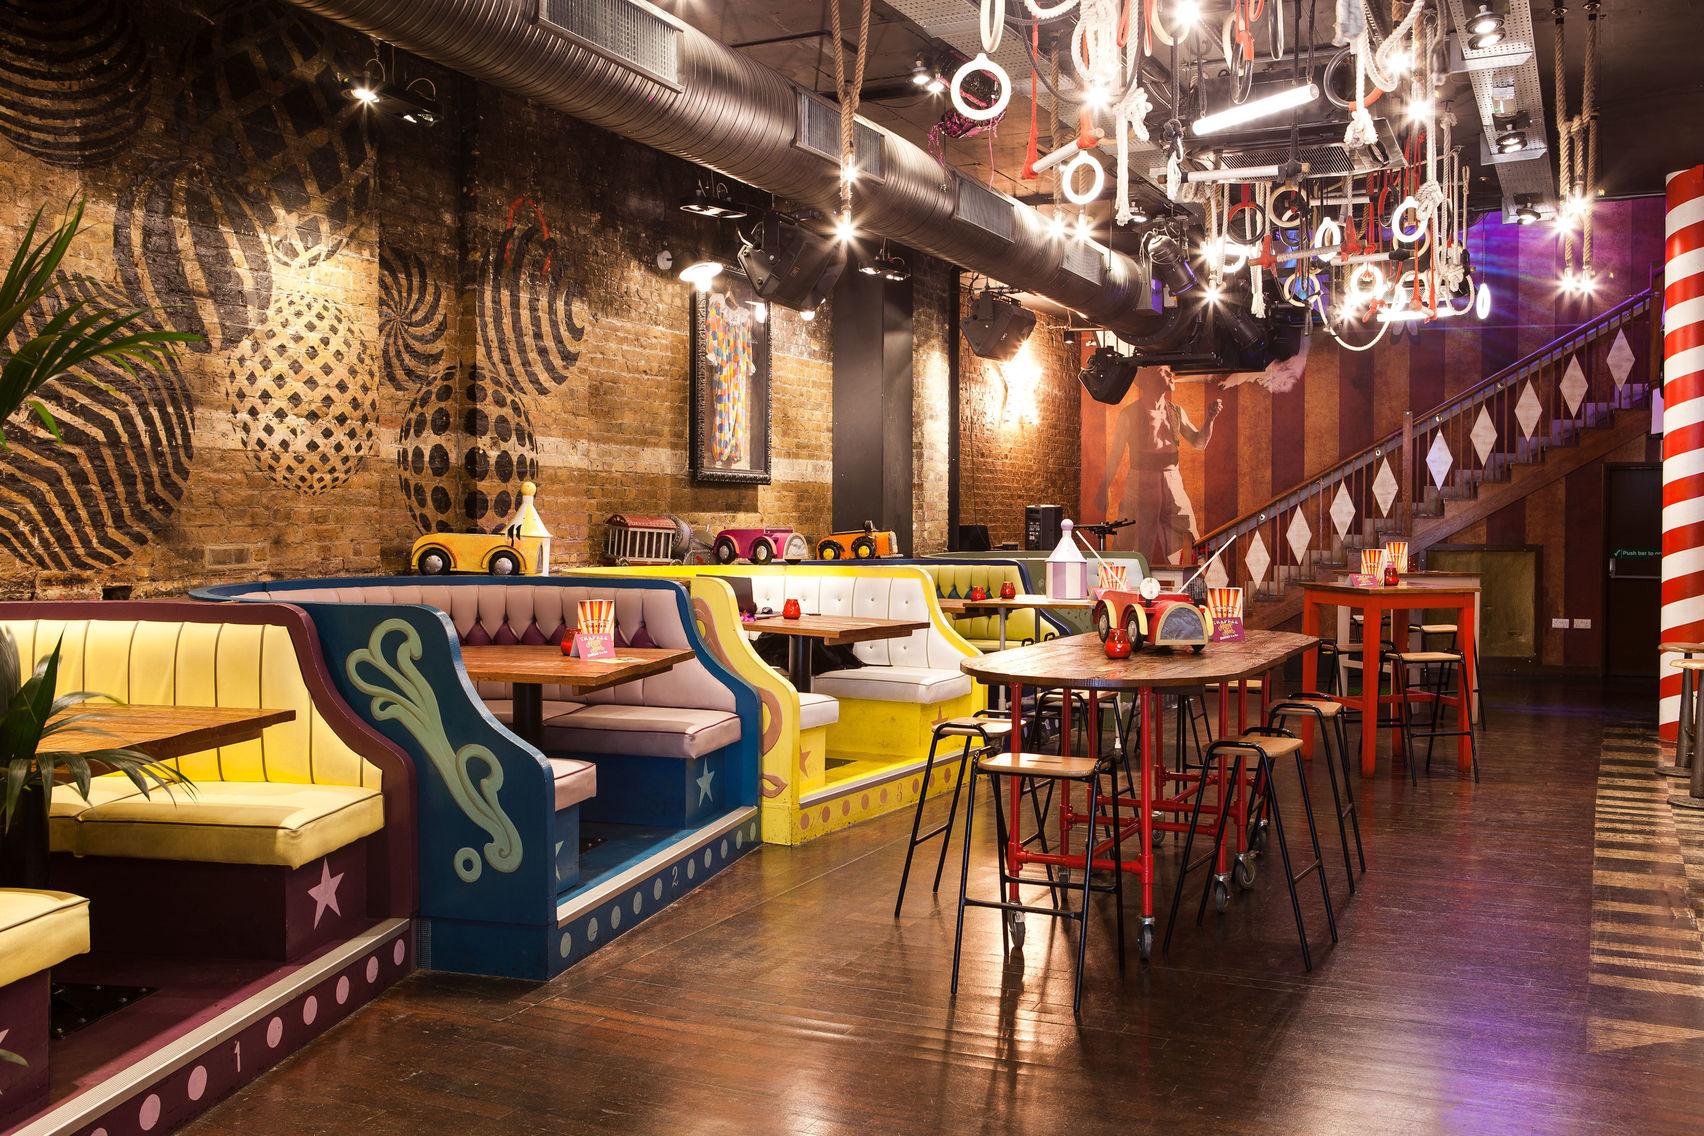 Trapeze Bar - Main Bar & Mezzanine, Trapeze Bar